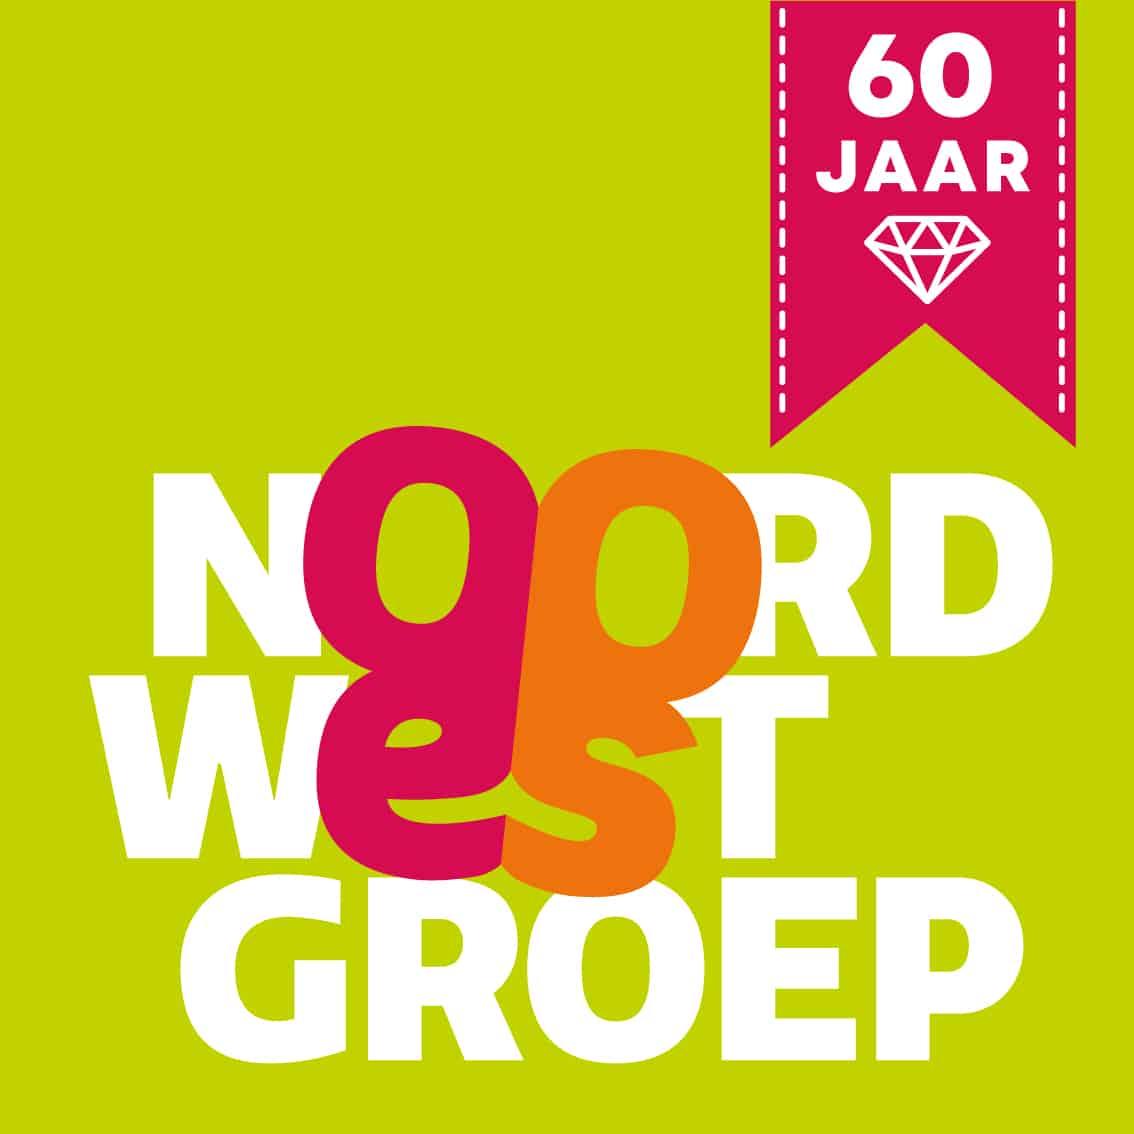 Hedendaags 60 jaar NoordWestGroep: een feestje waard! – RTV SLOS QU-43